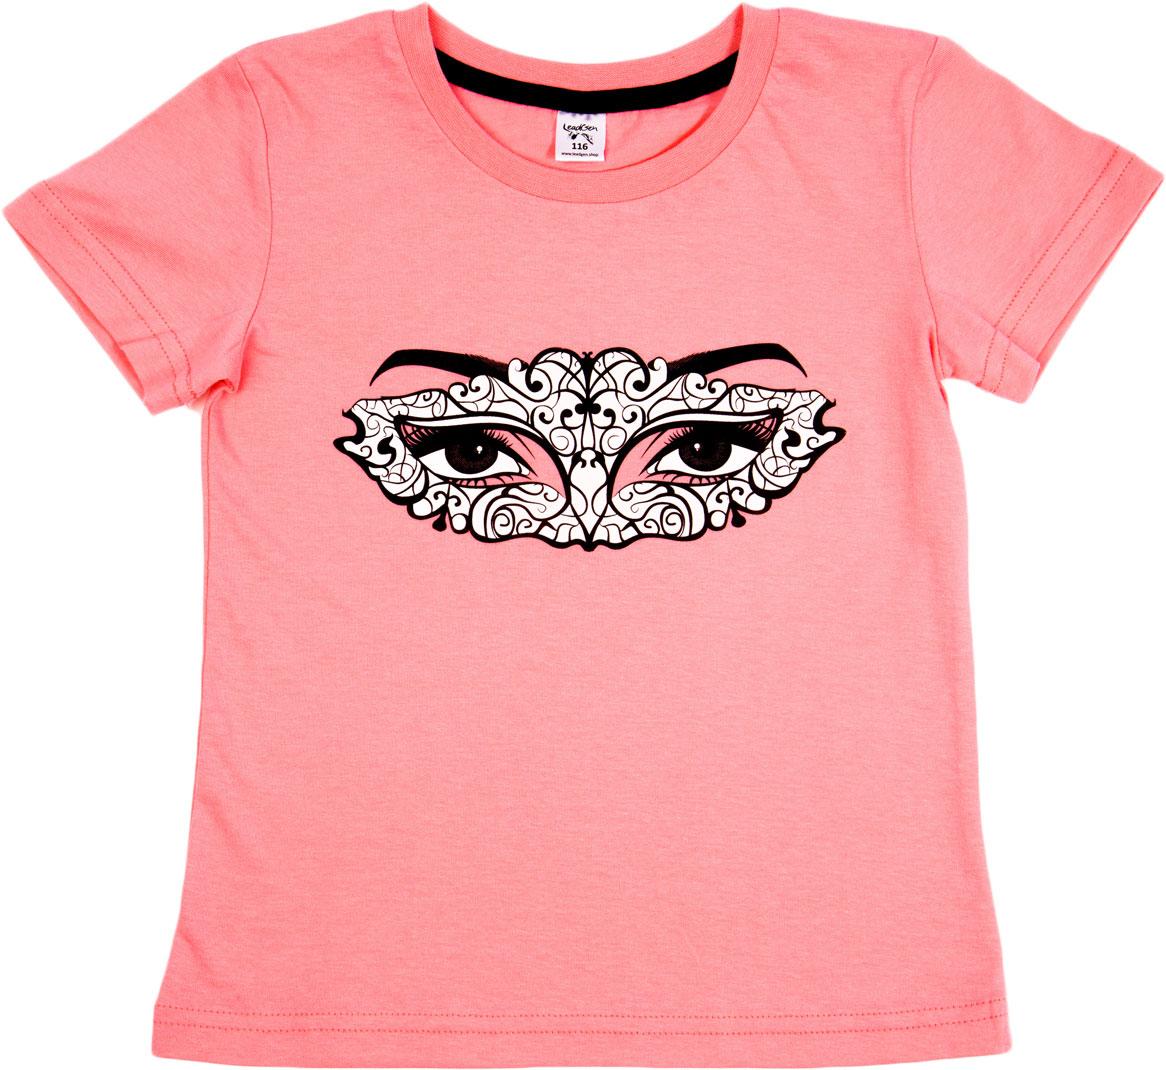 Футболка для девочки LeadGen, цвет: розовый. G613049016-171. Размер 116G613049016-171Футболка для девочки LeadGen выполнена из натурального хлопкового трикотажа. Модель с короткими рукавами и круглым вырезом горловины спереди оформлена принтом.